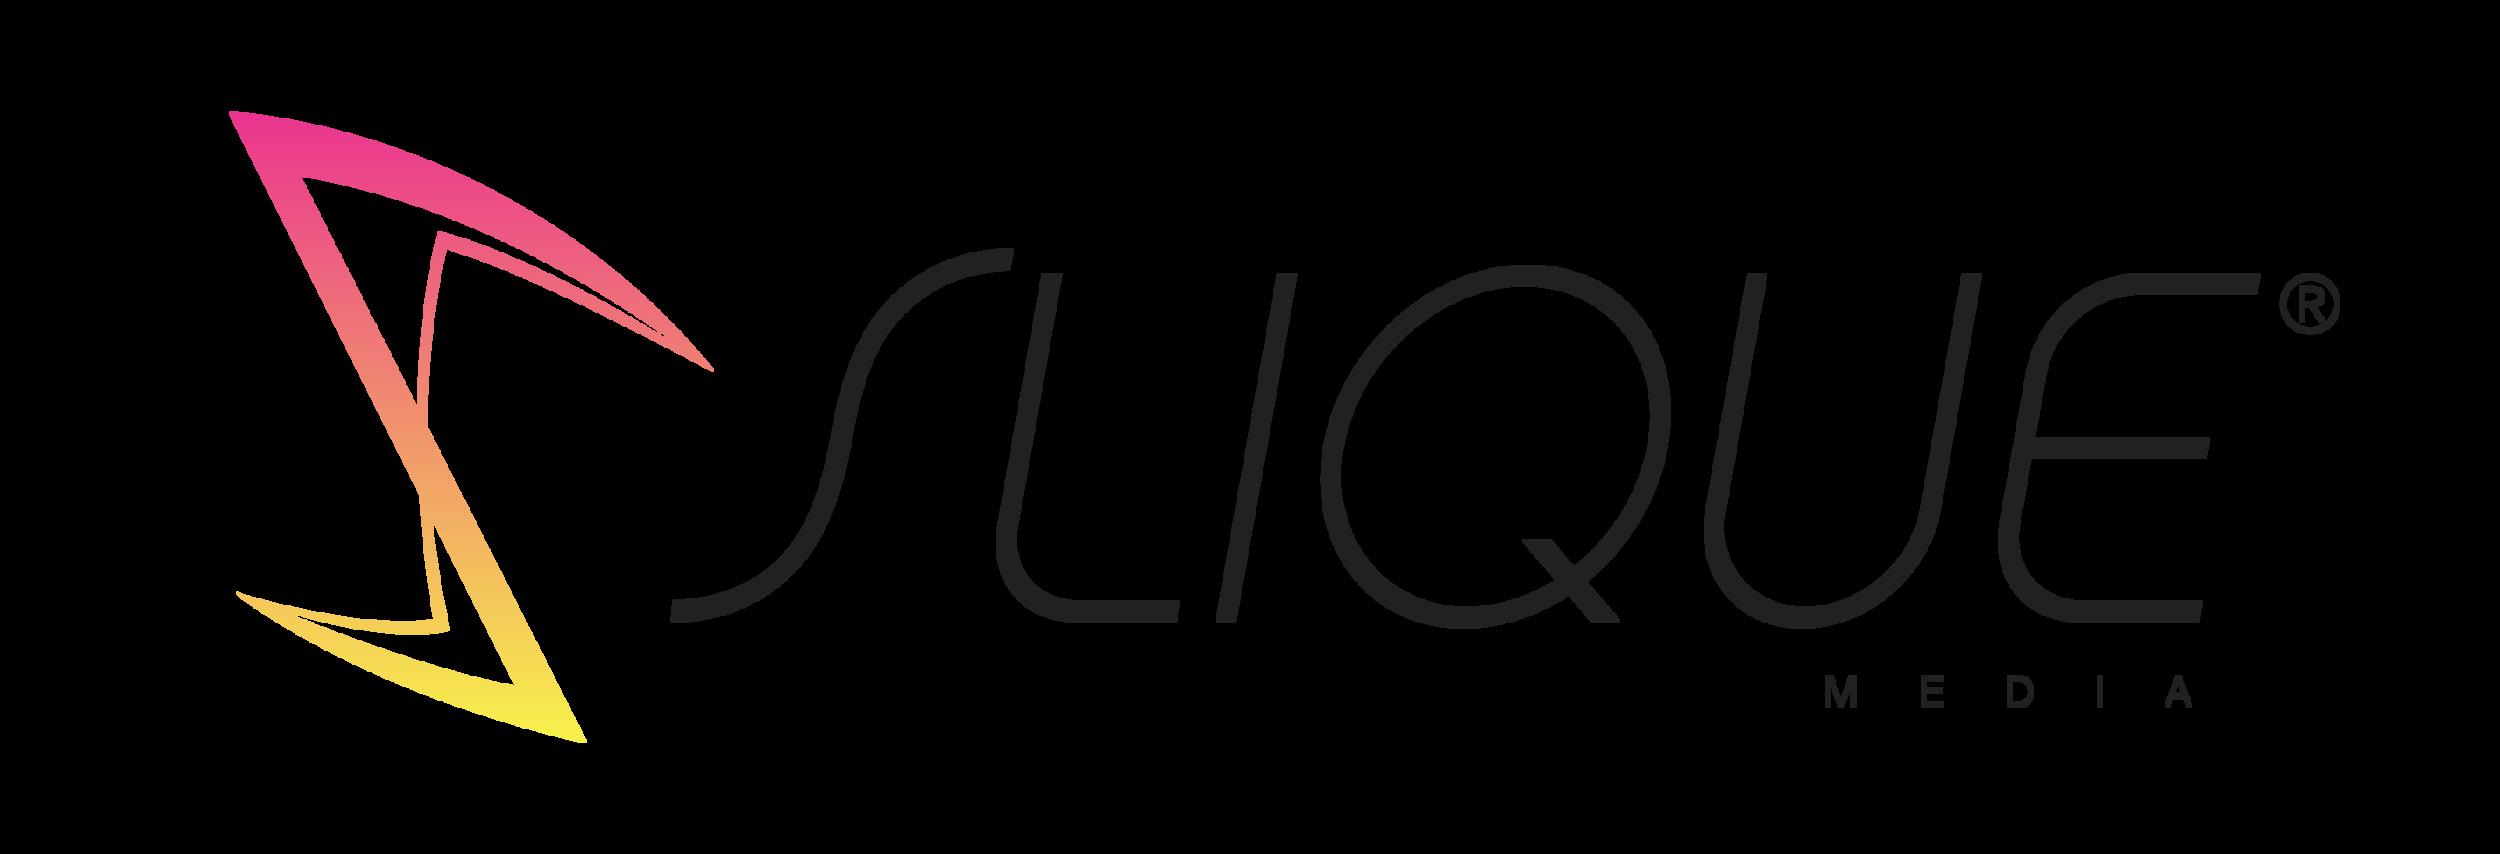 Slique_Logo_Light.png